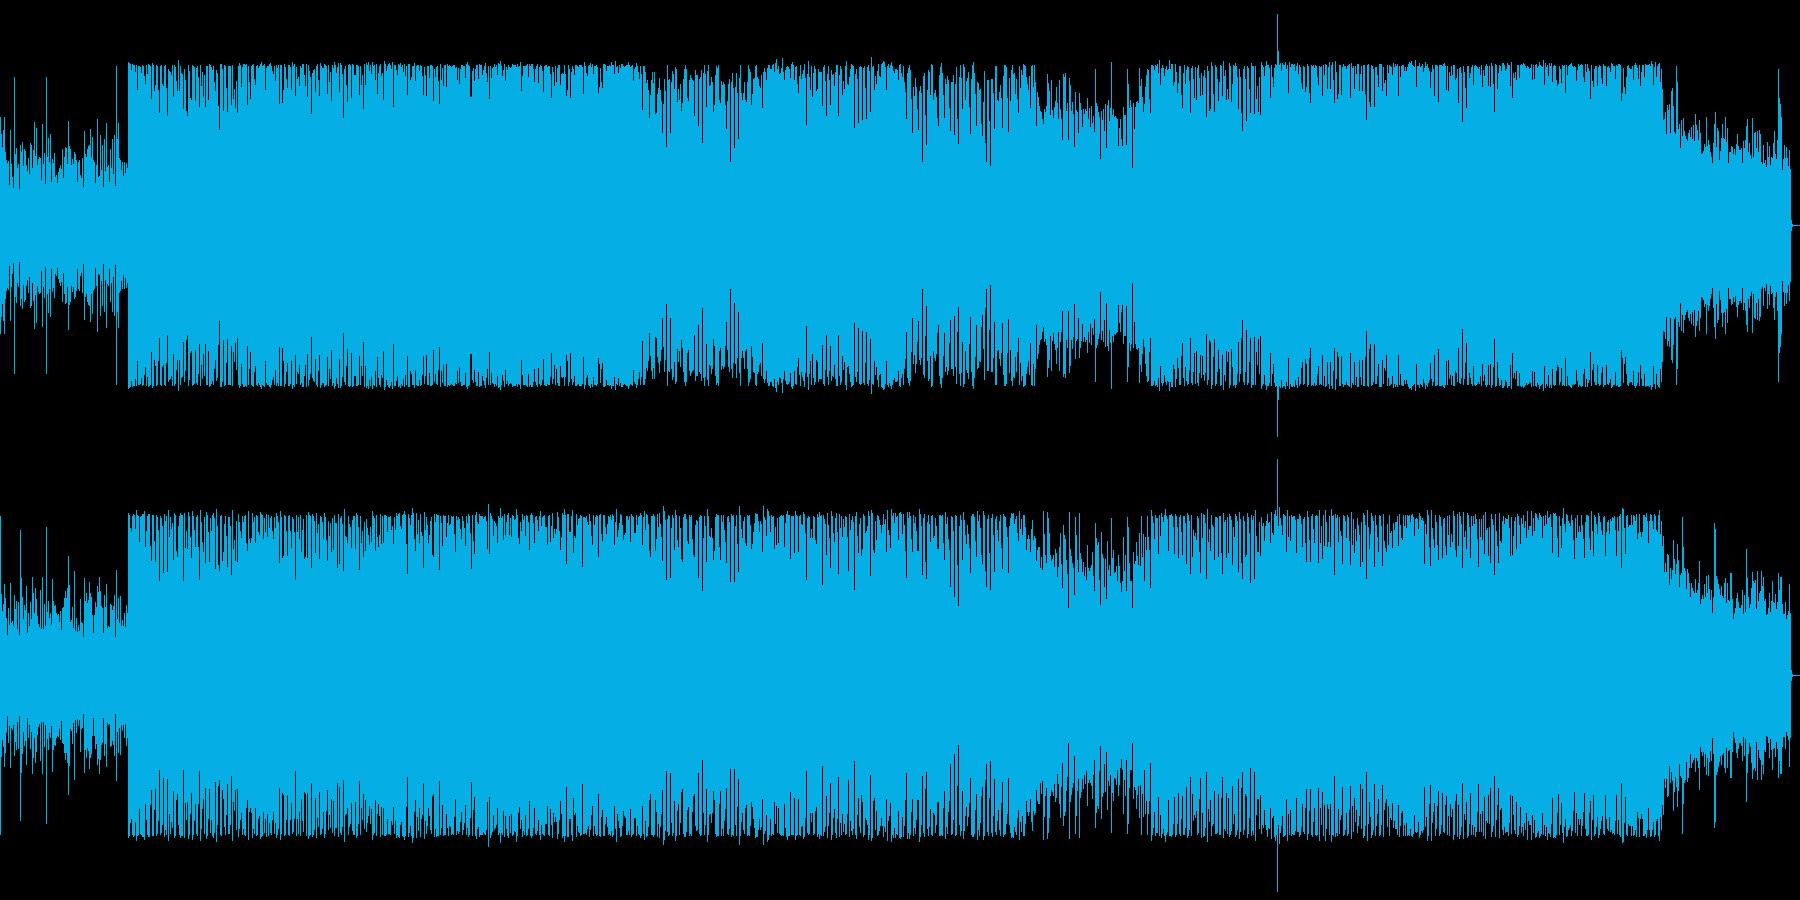 ドラムとシンセのくにゃくにゃ音のミックスの再生済みの波形